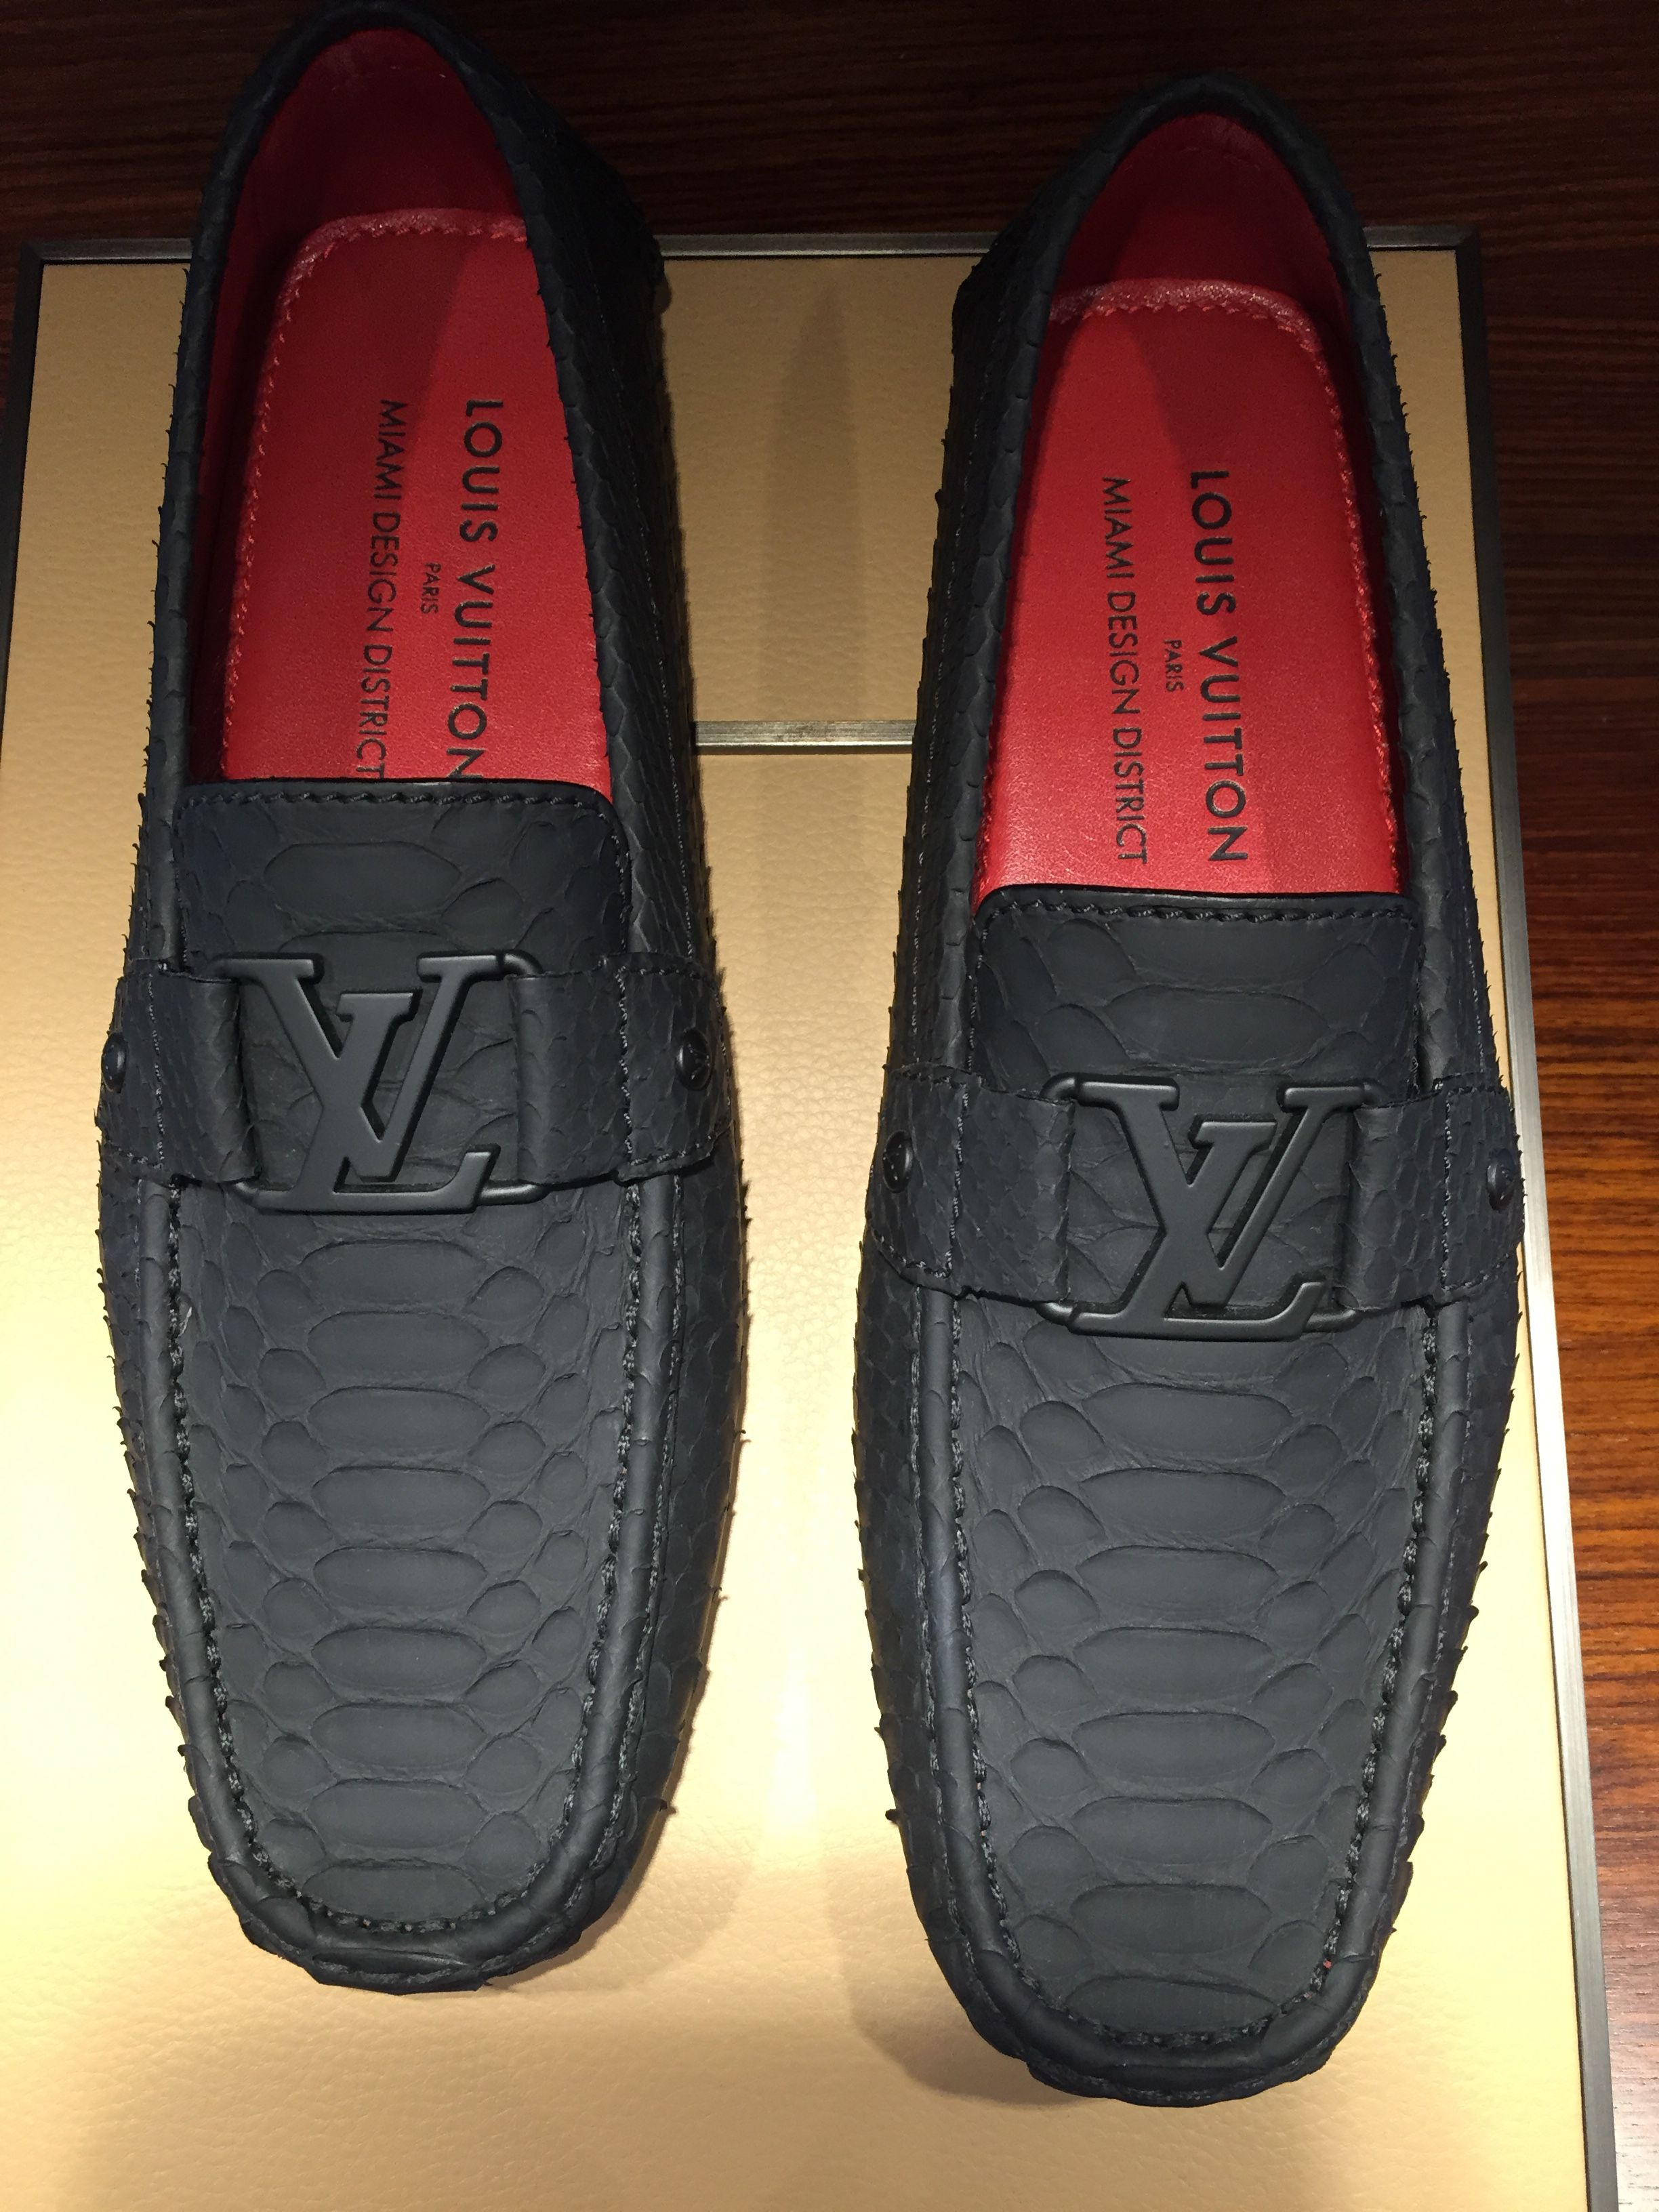 Louis Vuitton Dress Shoes Men Louis Vuitton Loafers Loafers Men